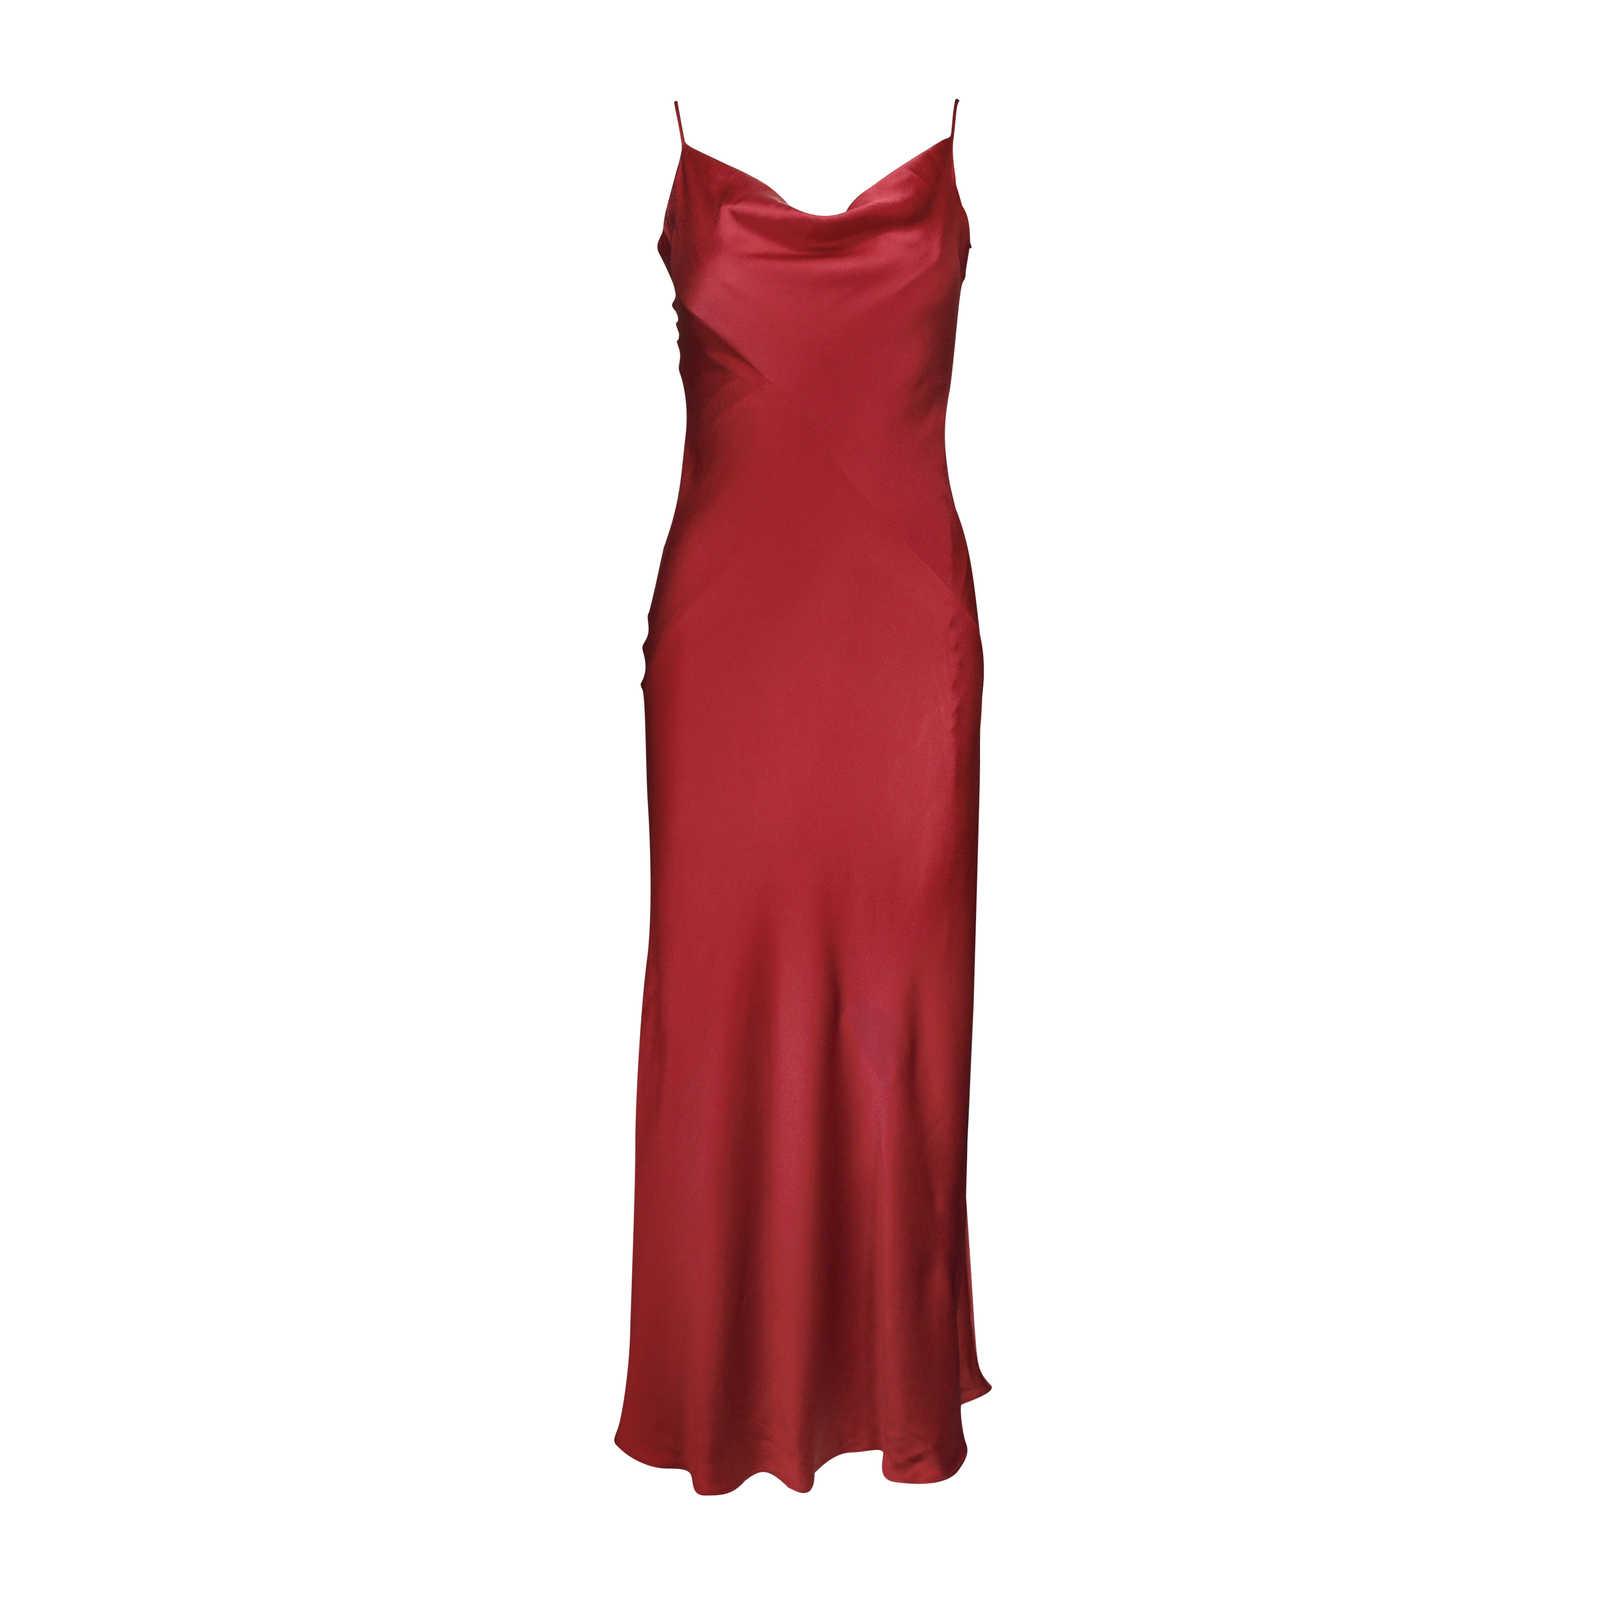 michael-kors-evening-dress-1.jpg